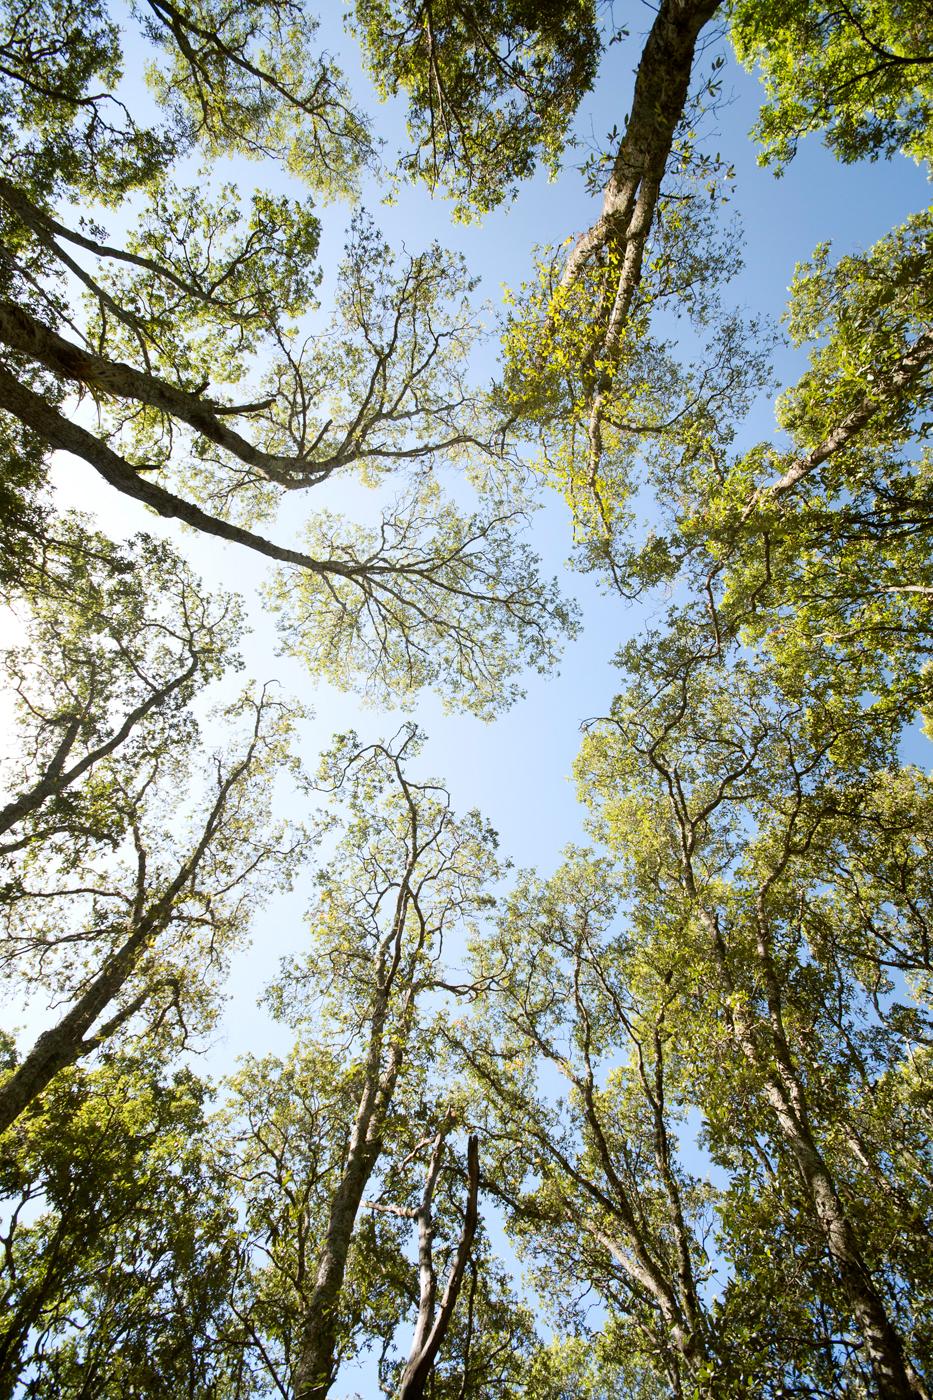 lq bosque - lugar11C.jpg